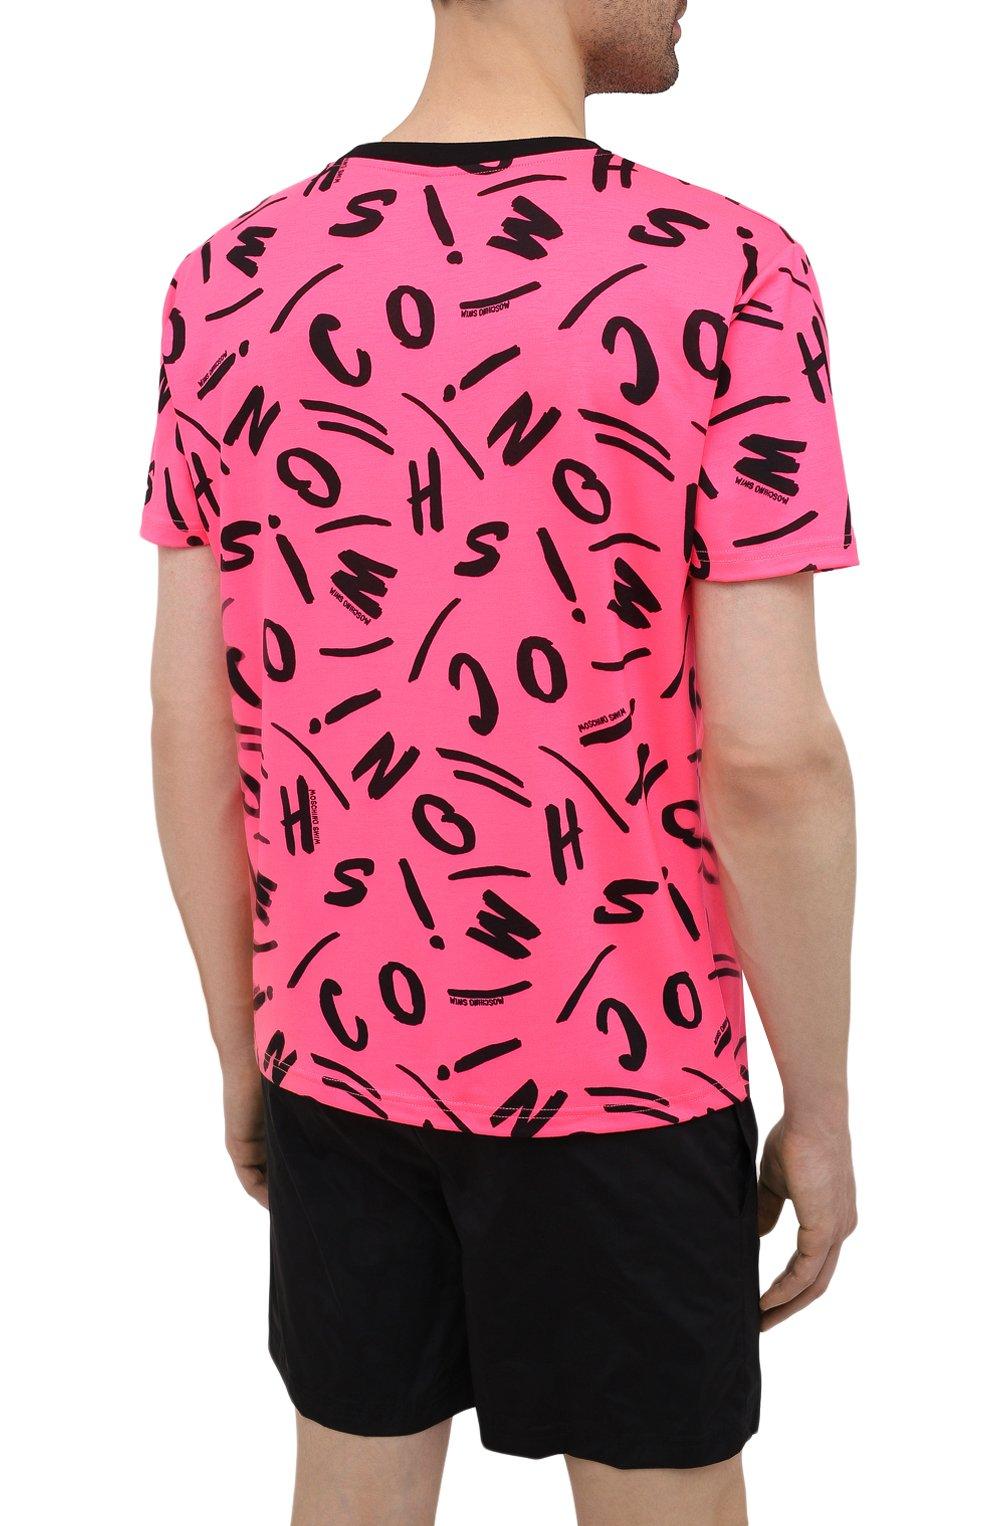 Мужская футболка MOSCHINO розового цвета, арт. A1913/2340   Фото 4 (Мужское Кросс-КТ: Футболка-пляж; Рукава: Короткие; Материал внешний: Синтетический материал; Длина (для топов): Стандартные; Принт: С принтом; Стили: Кэжуэл)